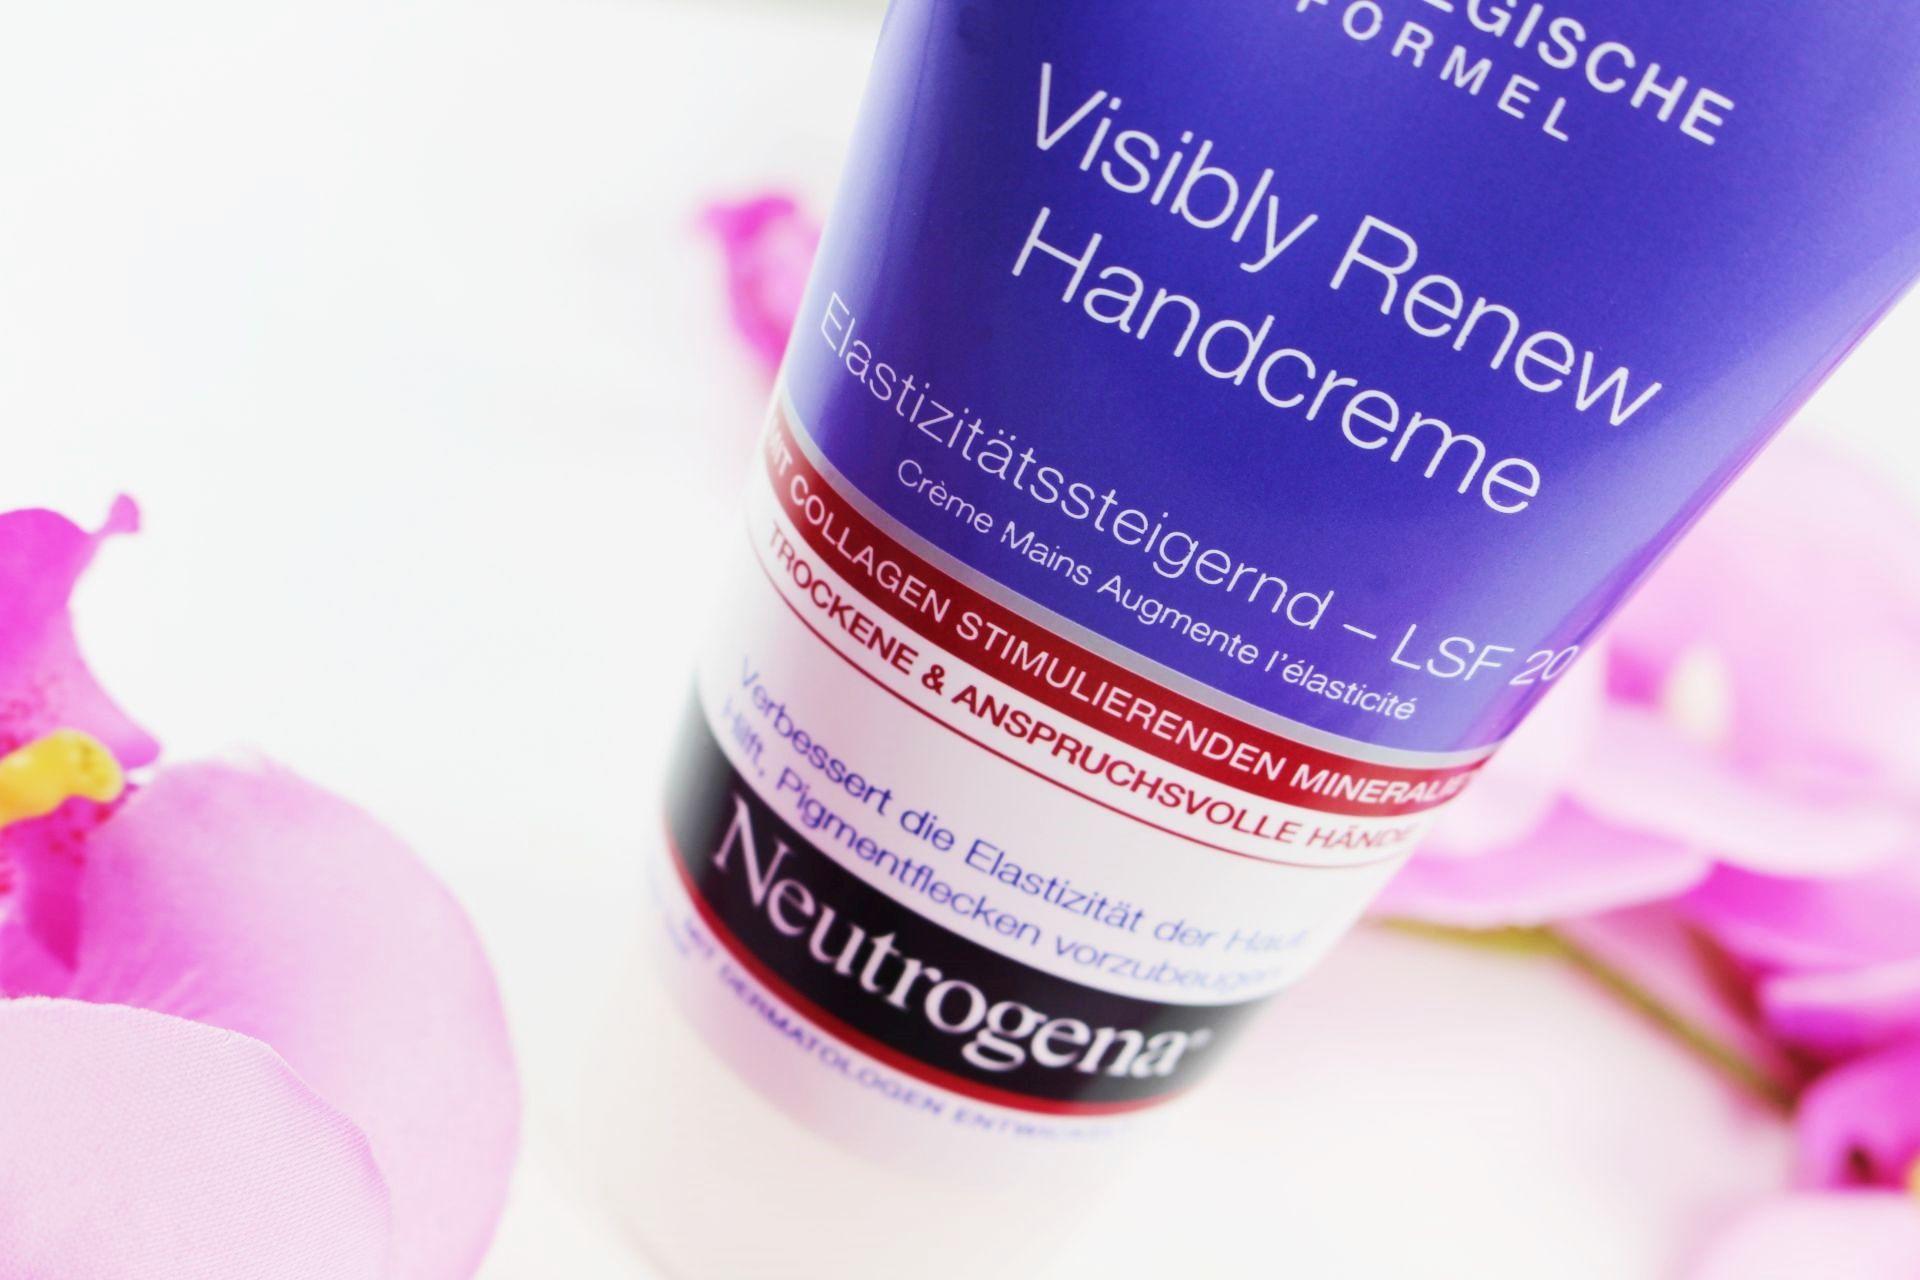 Neutrogena Visibly Renew Handcreme LSF 20, Handcreme Test, Handcreme mit LSF, chemische Sonnencreme, mineralische Sonnencreme, Sonnencreme Hände, Super Twins Annalena und Magdalena